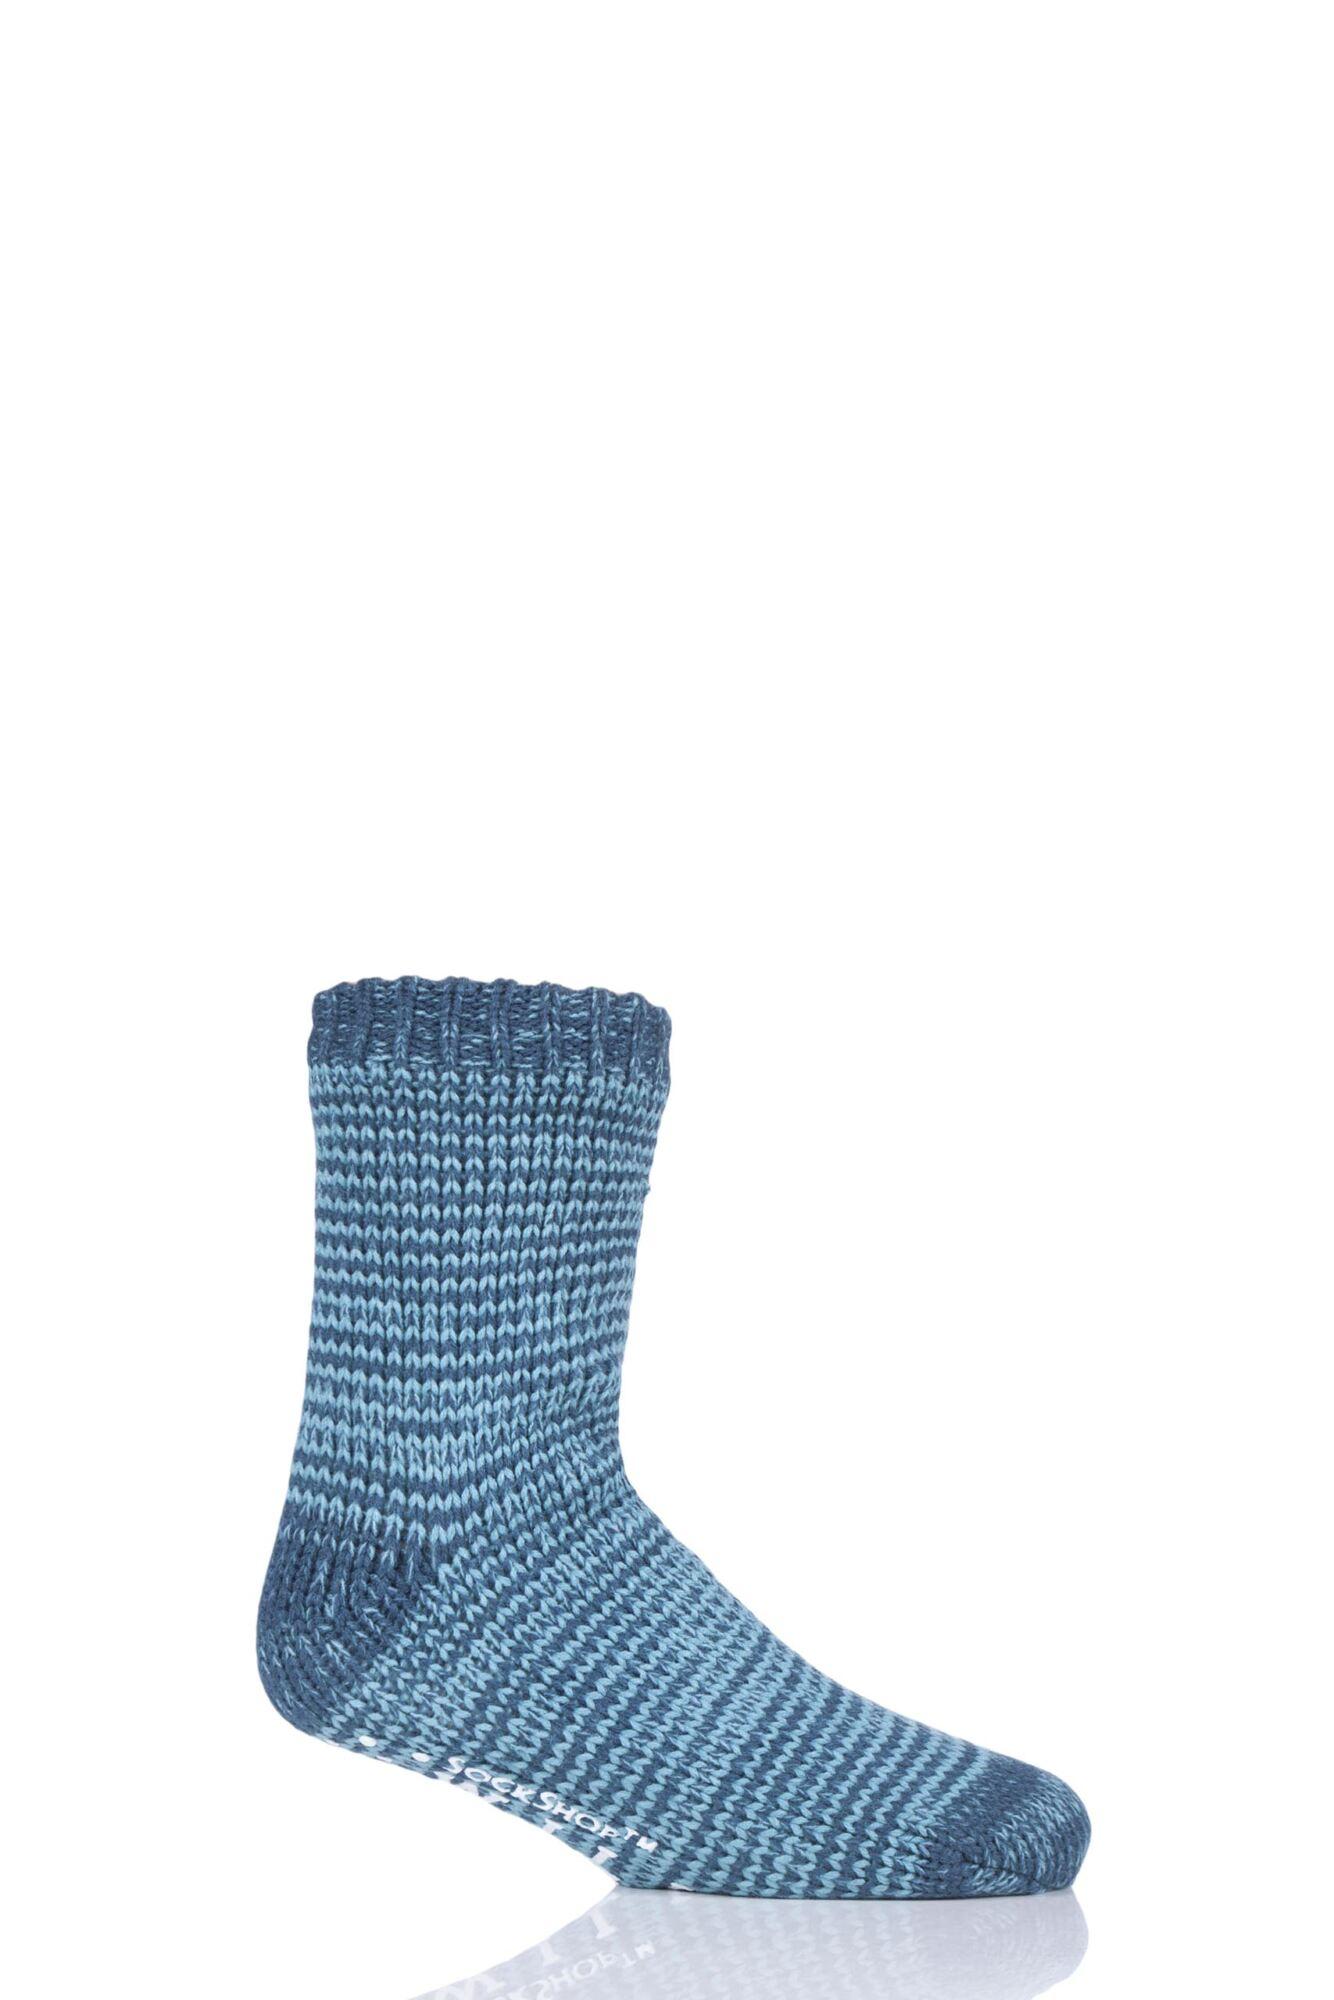 SockShop Wild Feet Chunky Fleece Lined Lounge Socks